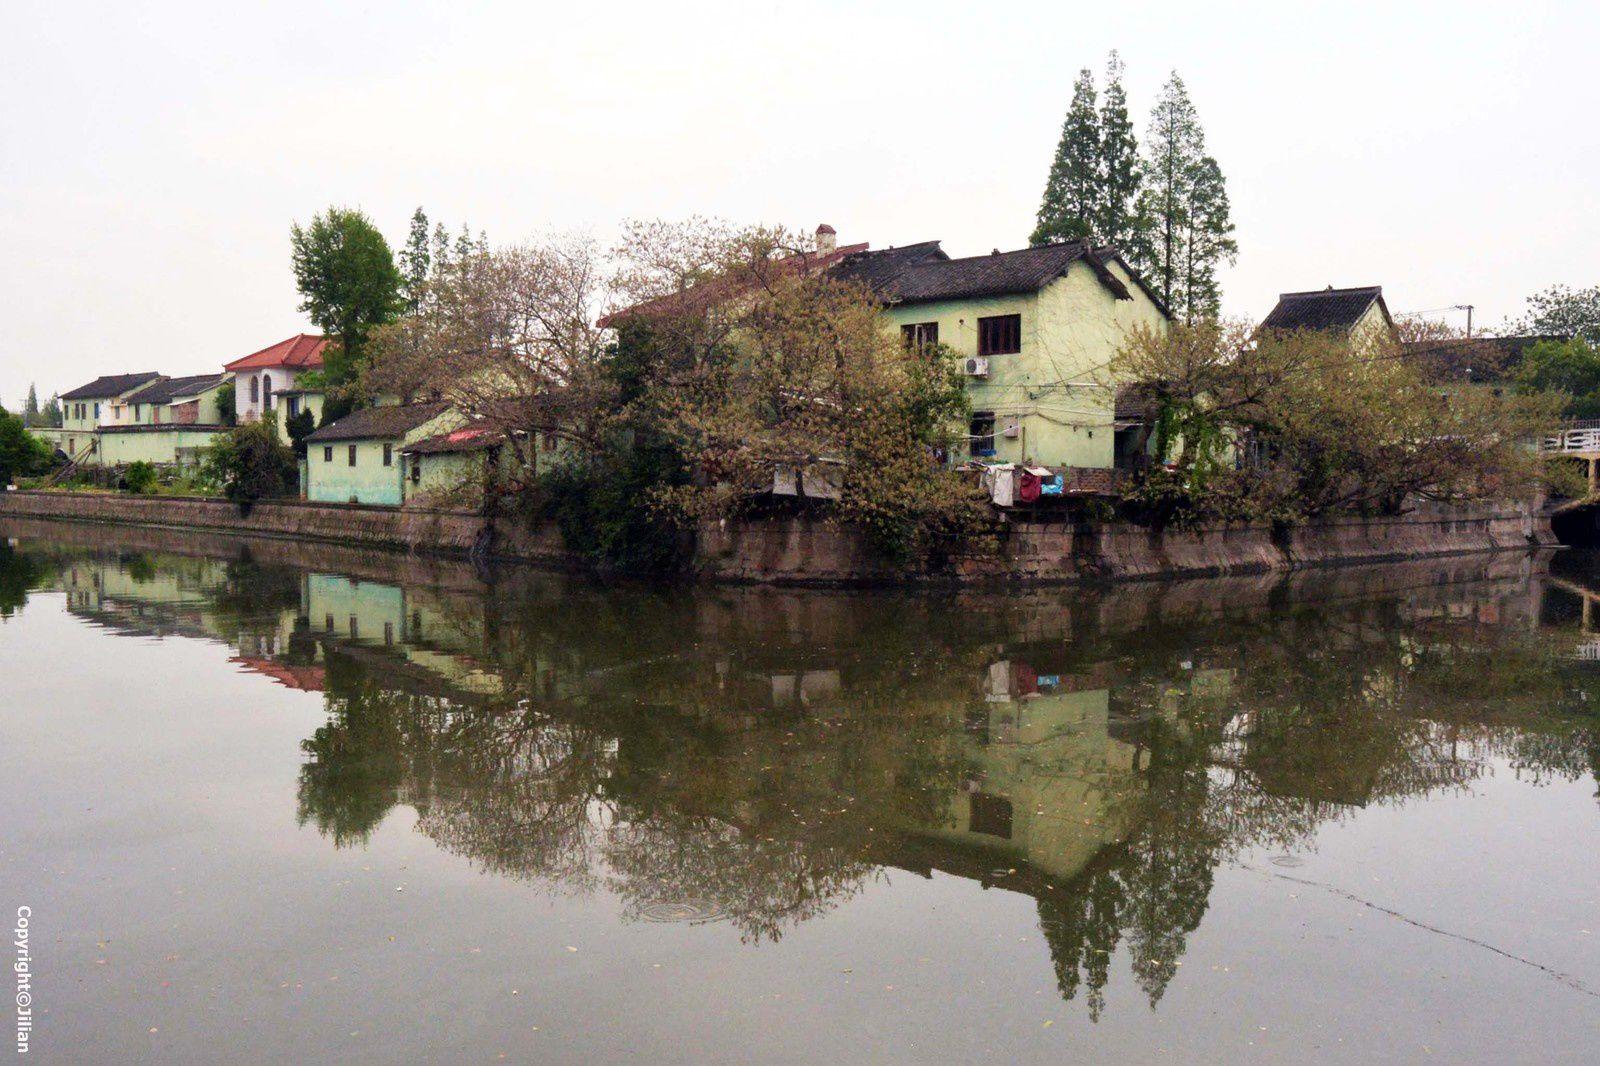 Shanghai - Qibao : retour à des temps anciens - 上海七宝镇 :回到往日